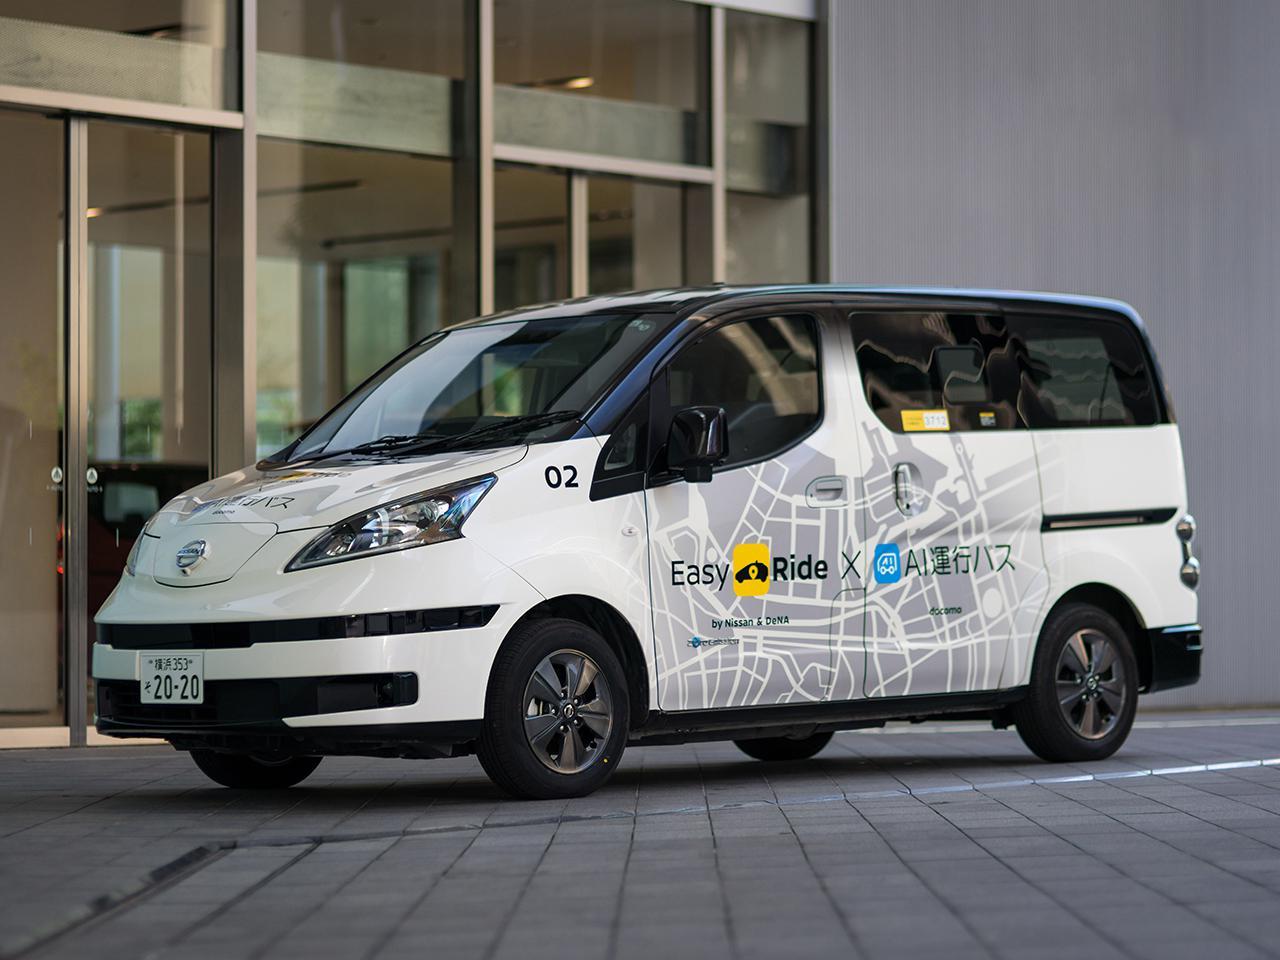 日産が自動運転の実証実験。実用化に向け、自動運転SAEレベル2車両が横浜で一般交通と混走